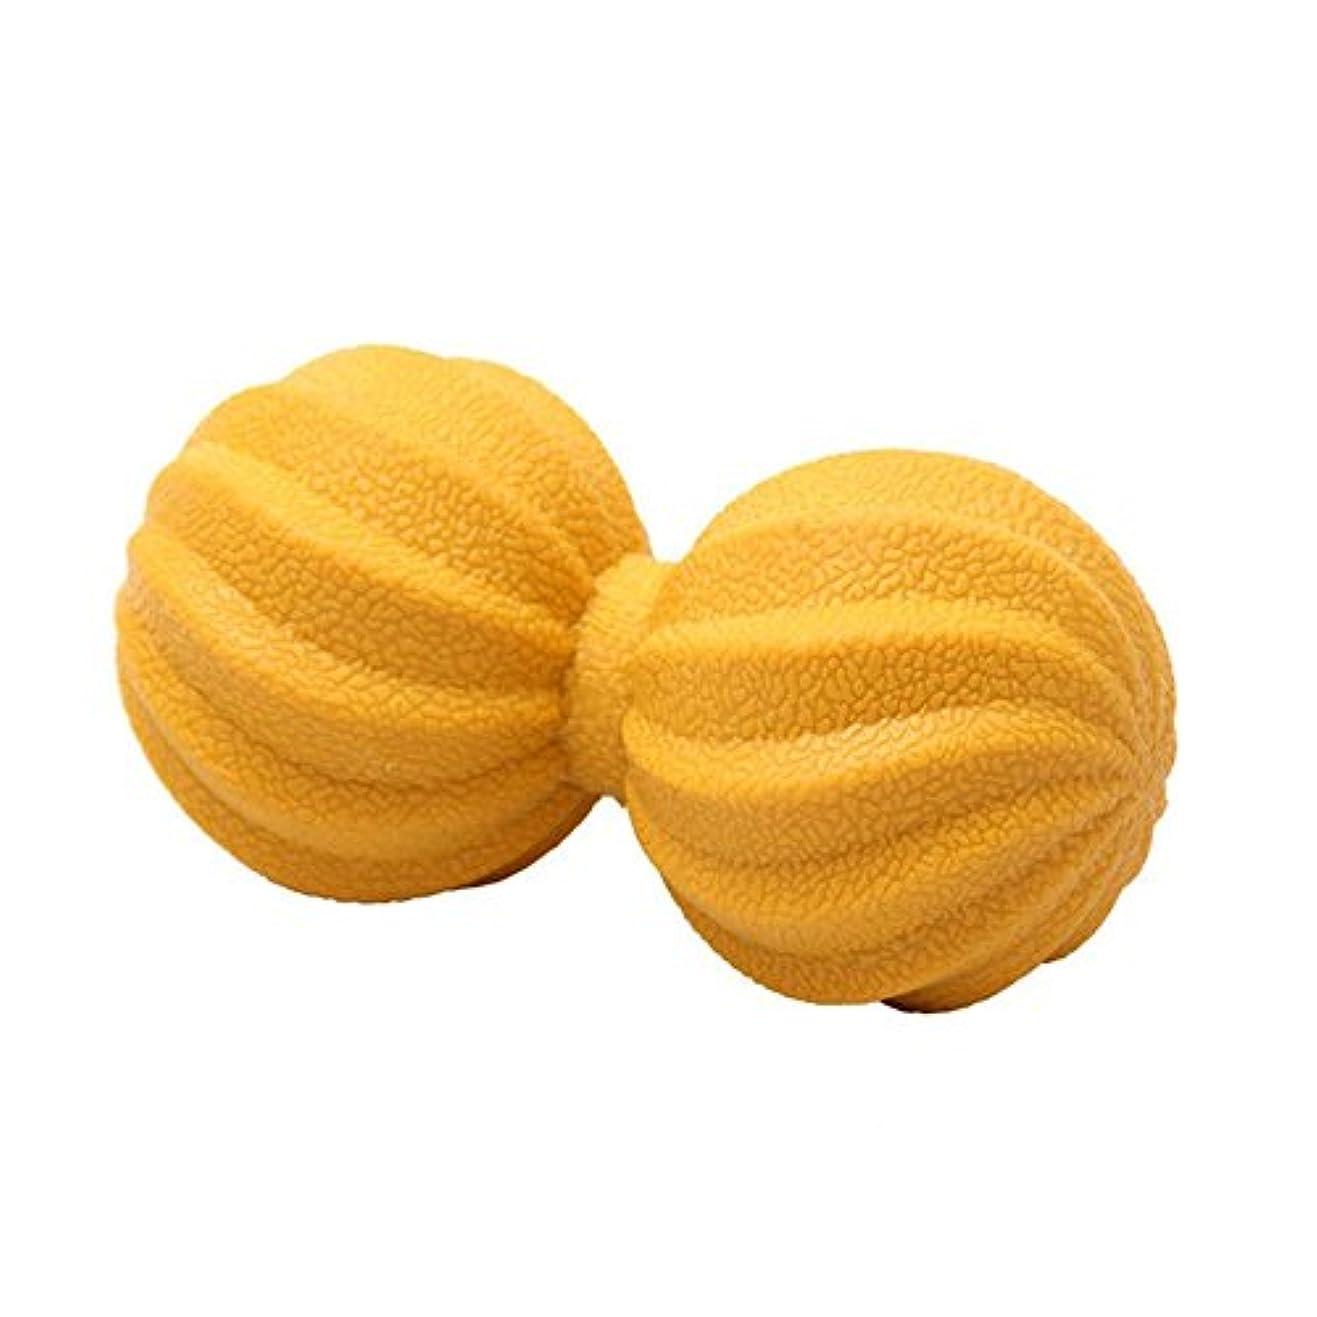 愛する来てカウンタマッサージボール TPE 痛み緩和 ホッケーボール 肩/背中/腰/ふくらはぎ/足裏 筋膜リリース 血液循環